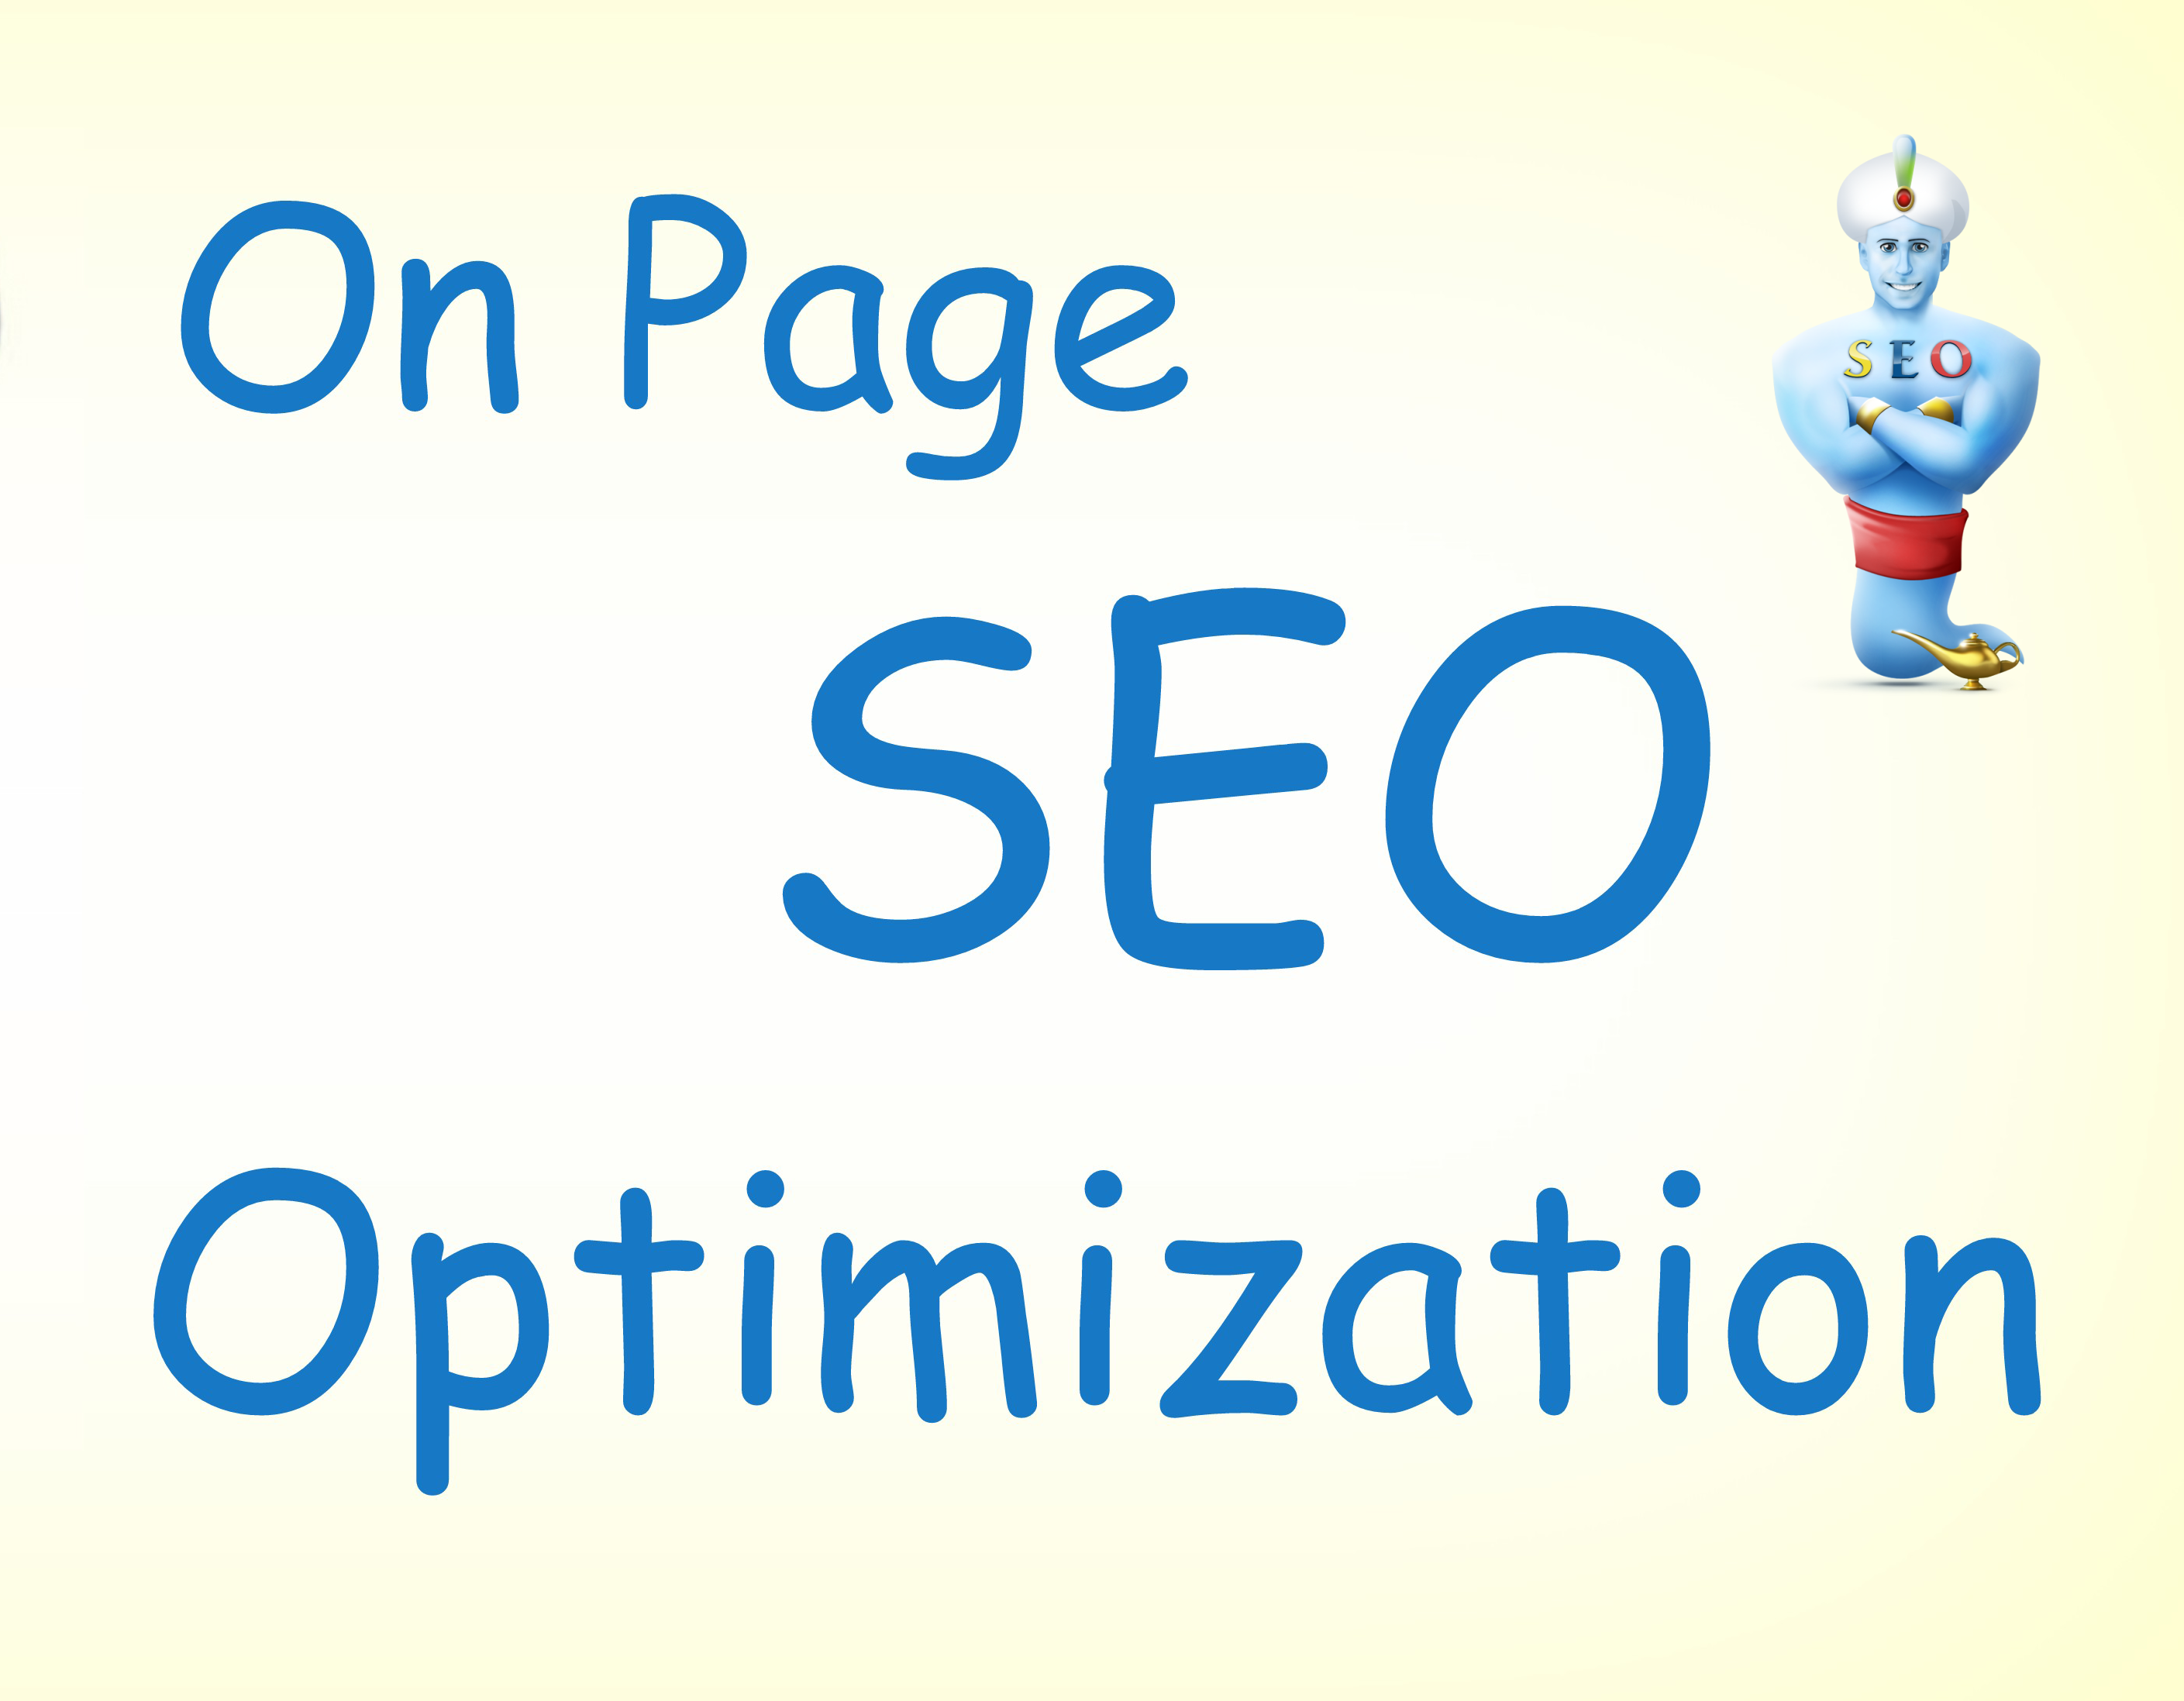 I Do Full Onsite Seo Work For Your Website Or Blog